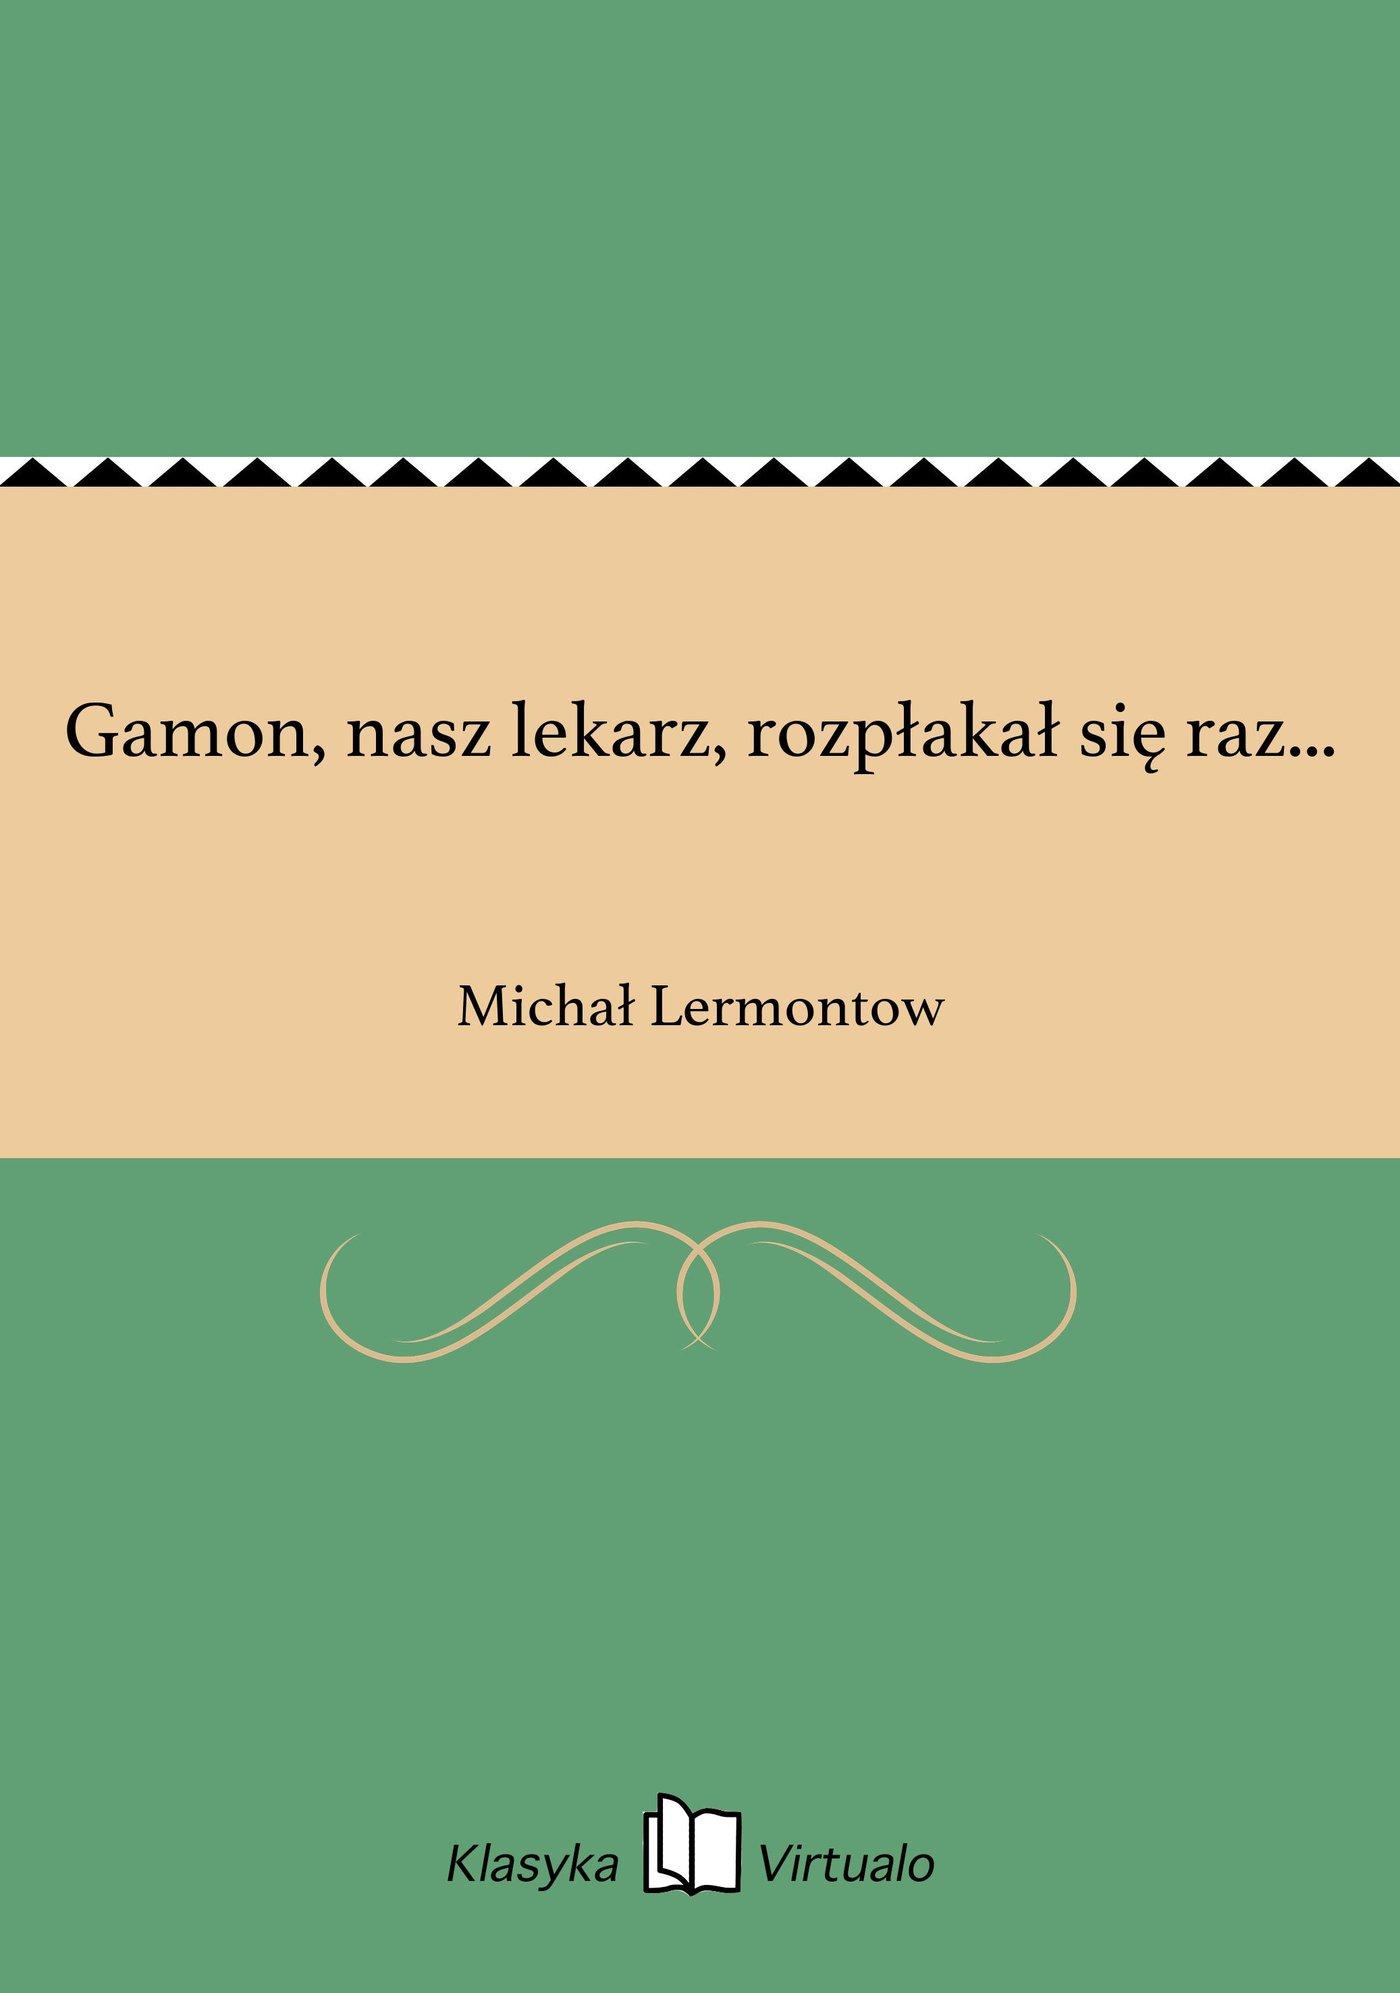 Gamon, nasz lekarz, rozpłakał się raz... - Ebook (Książka EPUB) do pobrania w formacie EPUB